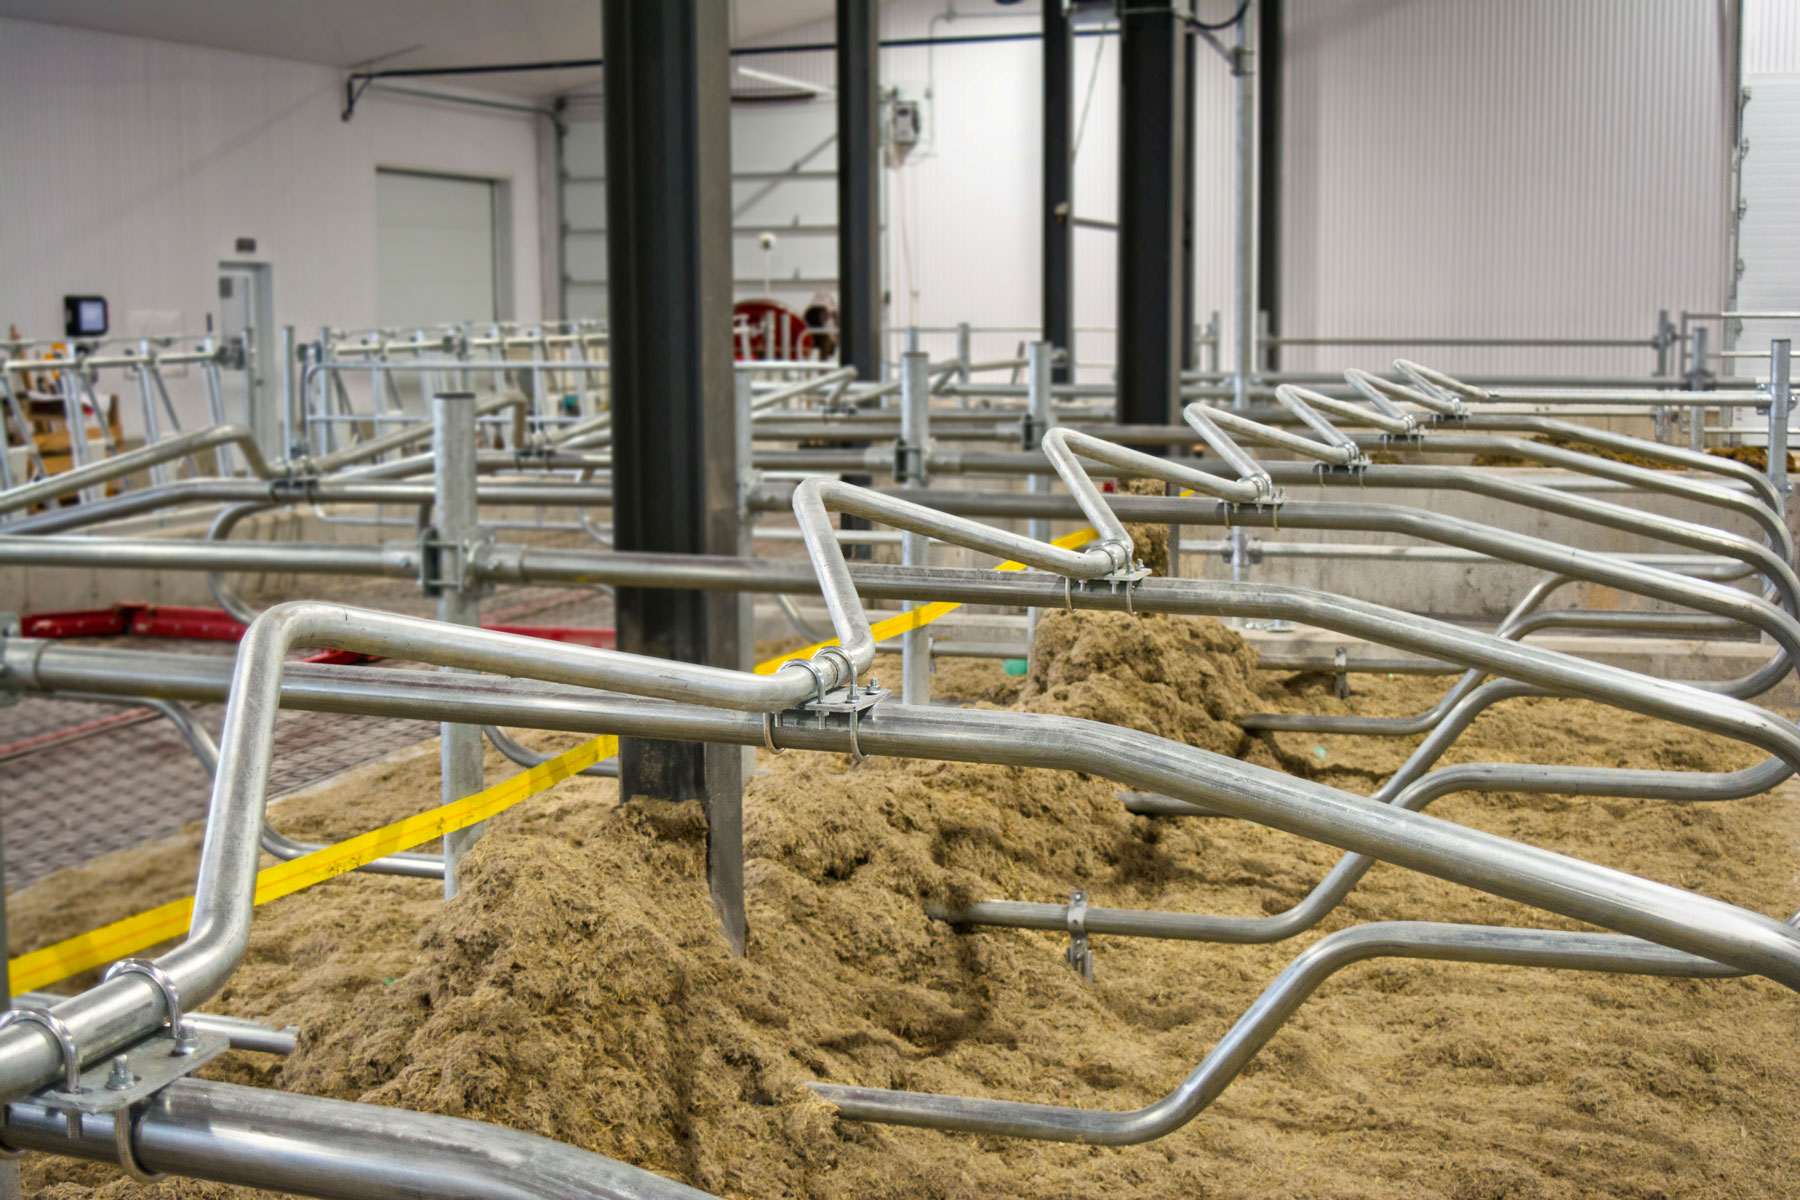 logette barre de cou en m installation agricole laitière / Équipements PFB